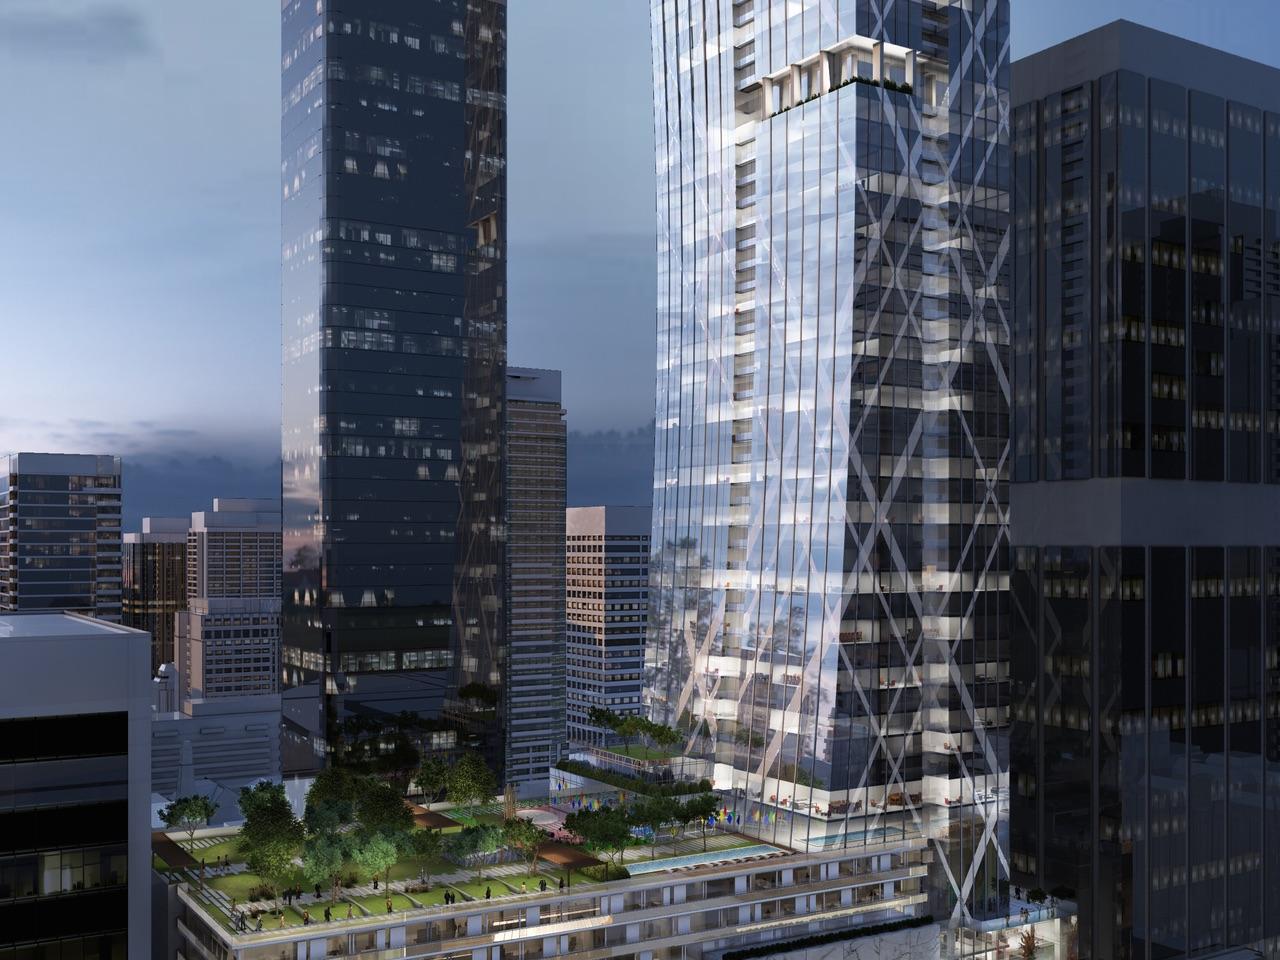 Partial exterior rendering of Holt Renfrew Tower 50 Bloor Street West Condos in Toronto